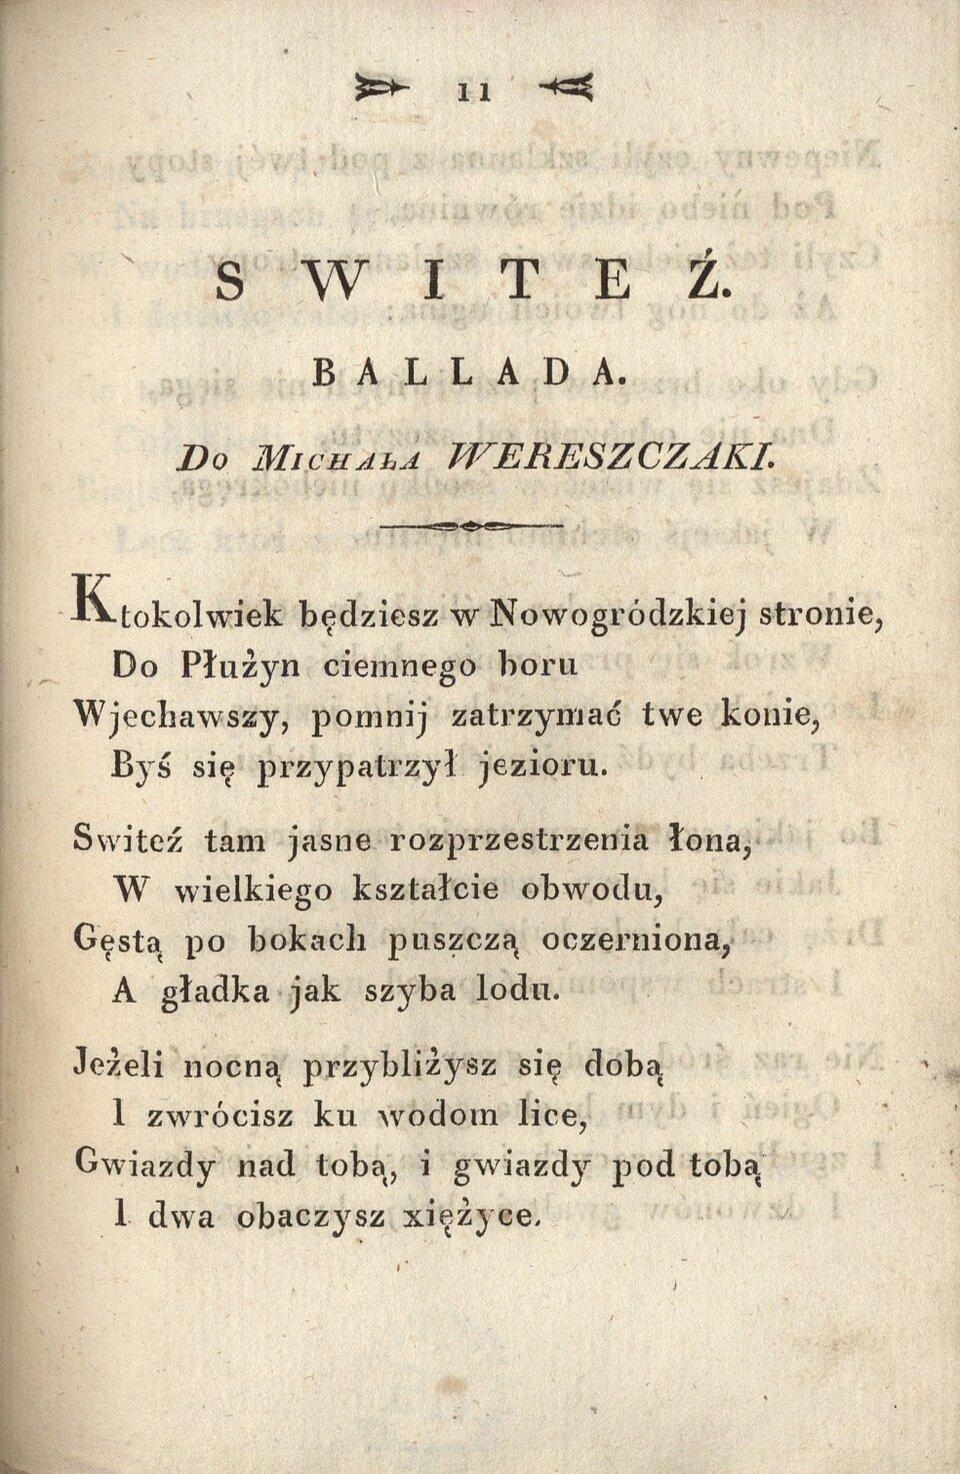 Poezye Adama Mickiewicza Źródło: Adam Mickiewicz, Poezye Adama Mickiewicza, Wilno 1822, domena publiczna.